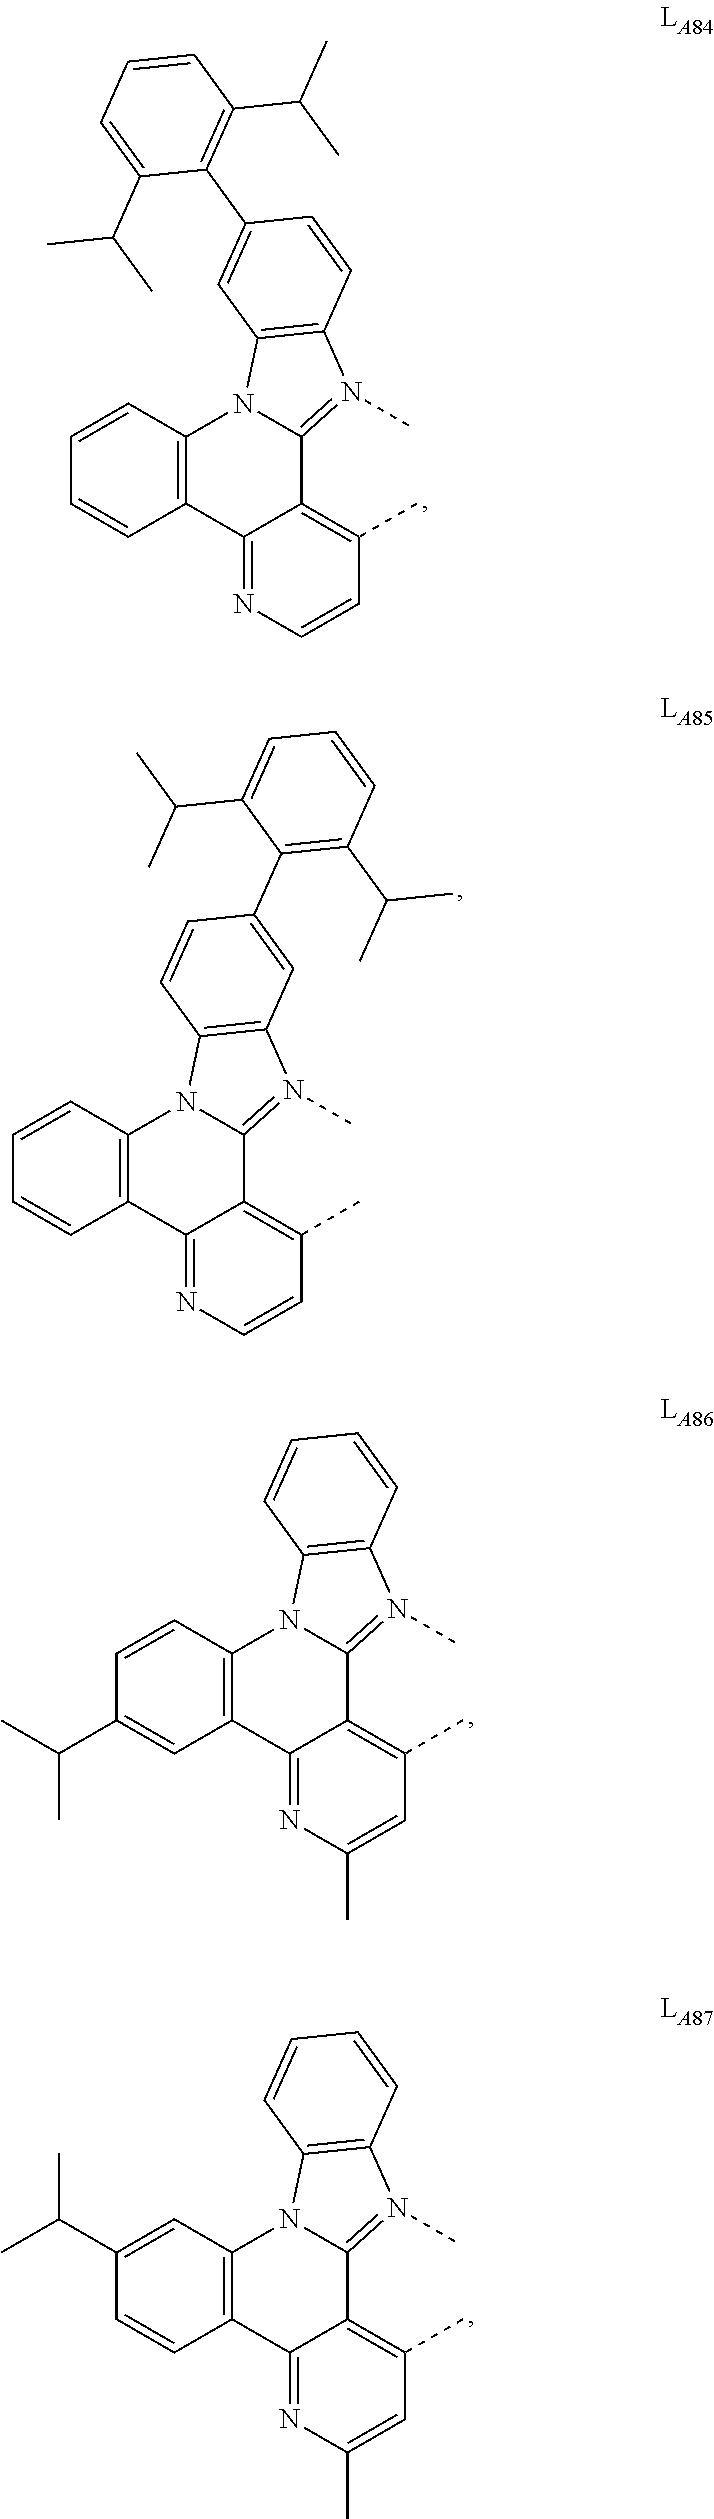 Figure US09905785-20180227-C00044